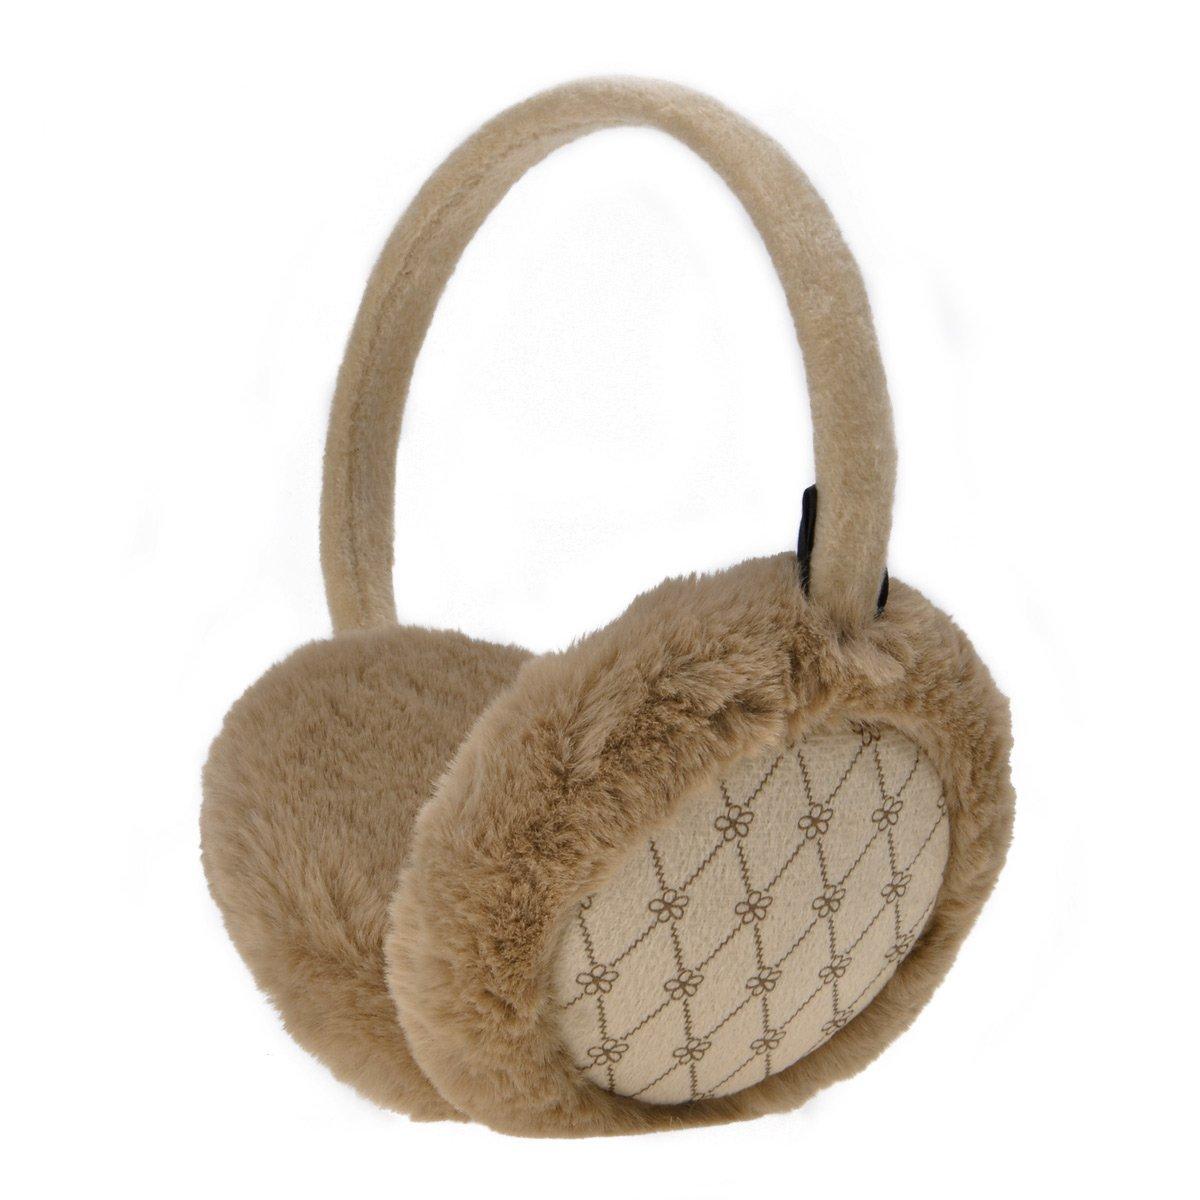 ZLYC Women Fashion Print Faux Fur Ear Warmers Winter Outdoor Earmuffs, Red ZYJ-ET-014-RD